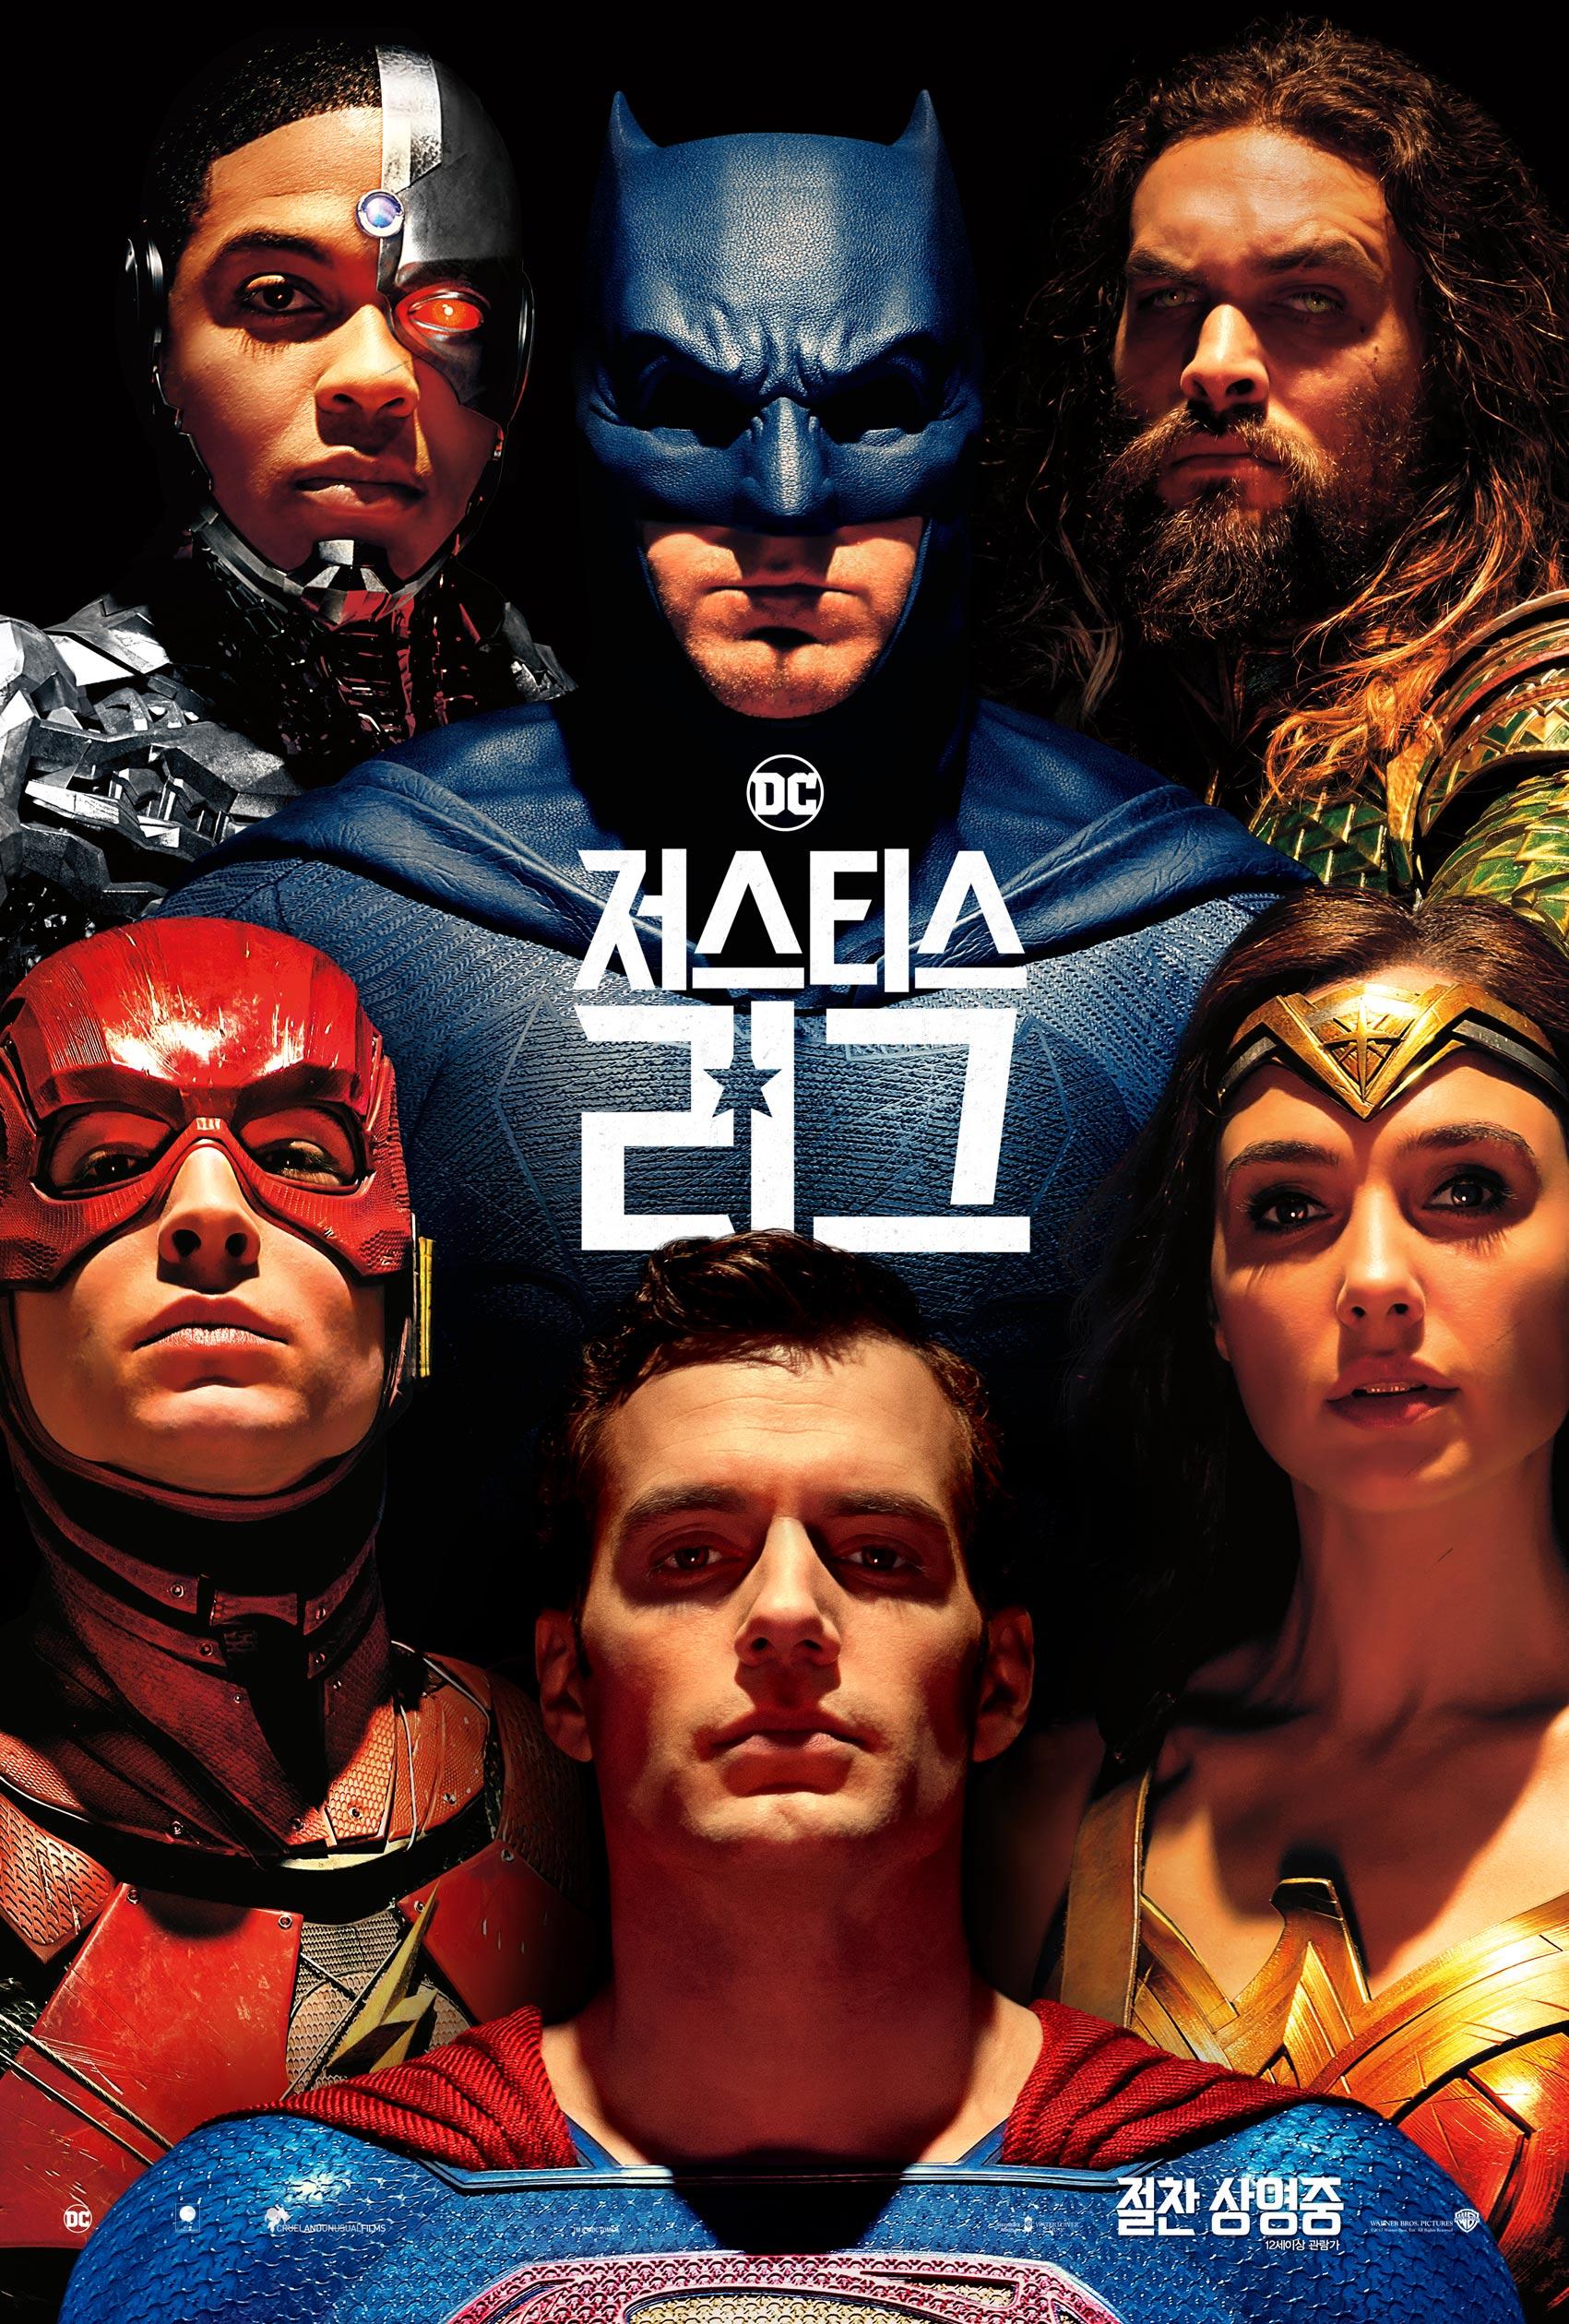 슈퍼맨 전격 등장 포스터.jpg